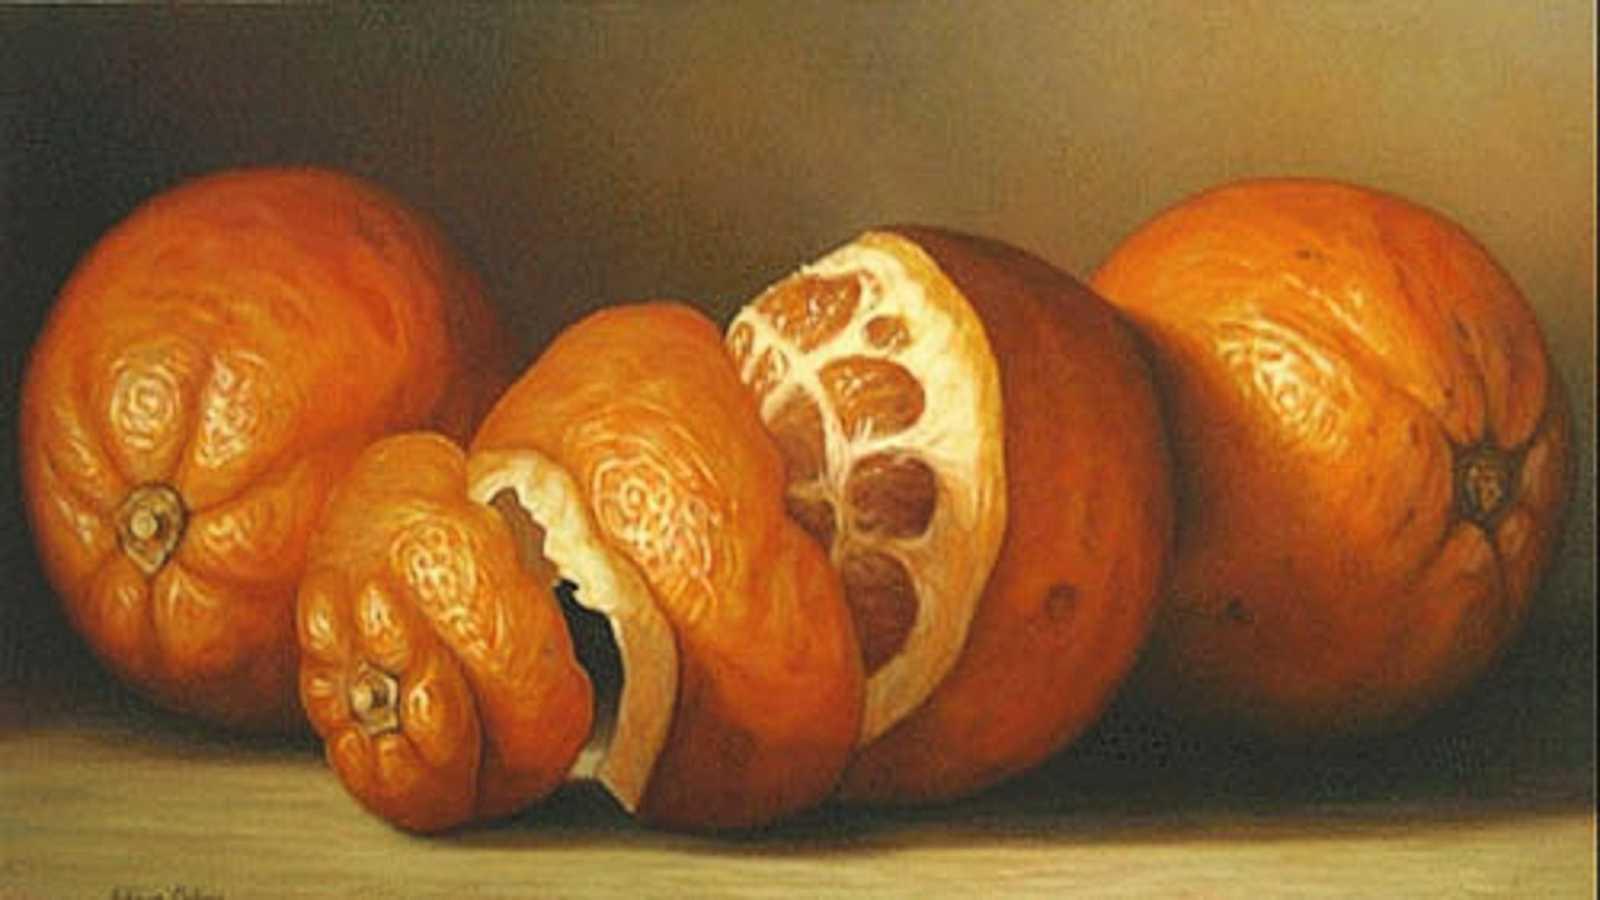 Esto me cuentan - Las tres naranjas de las hadas - Escuchar ahora